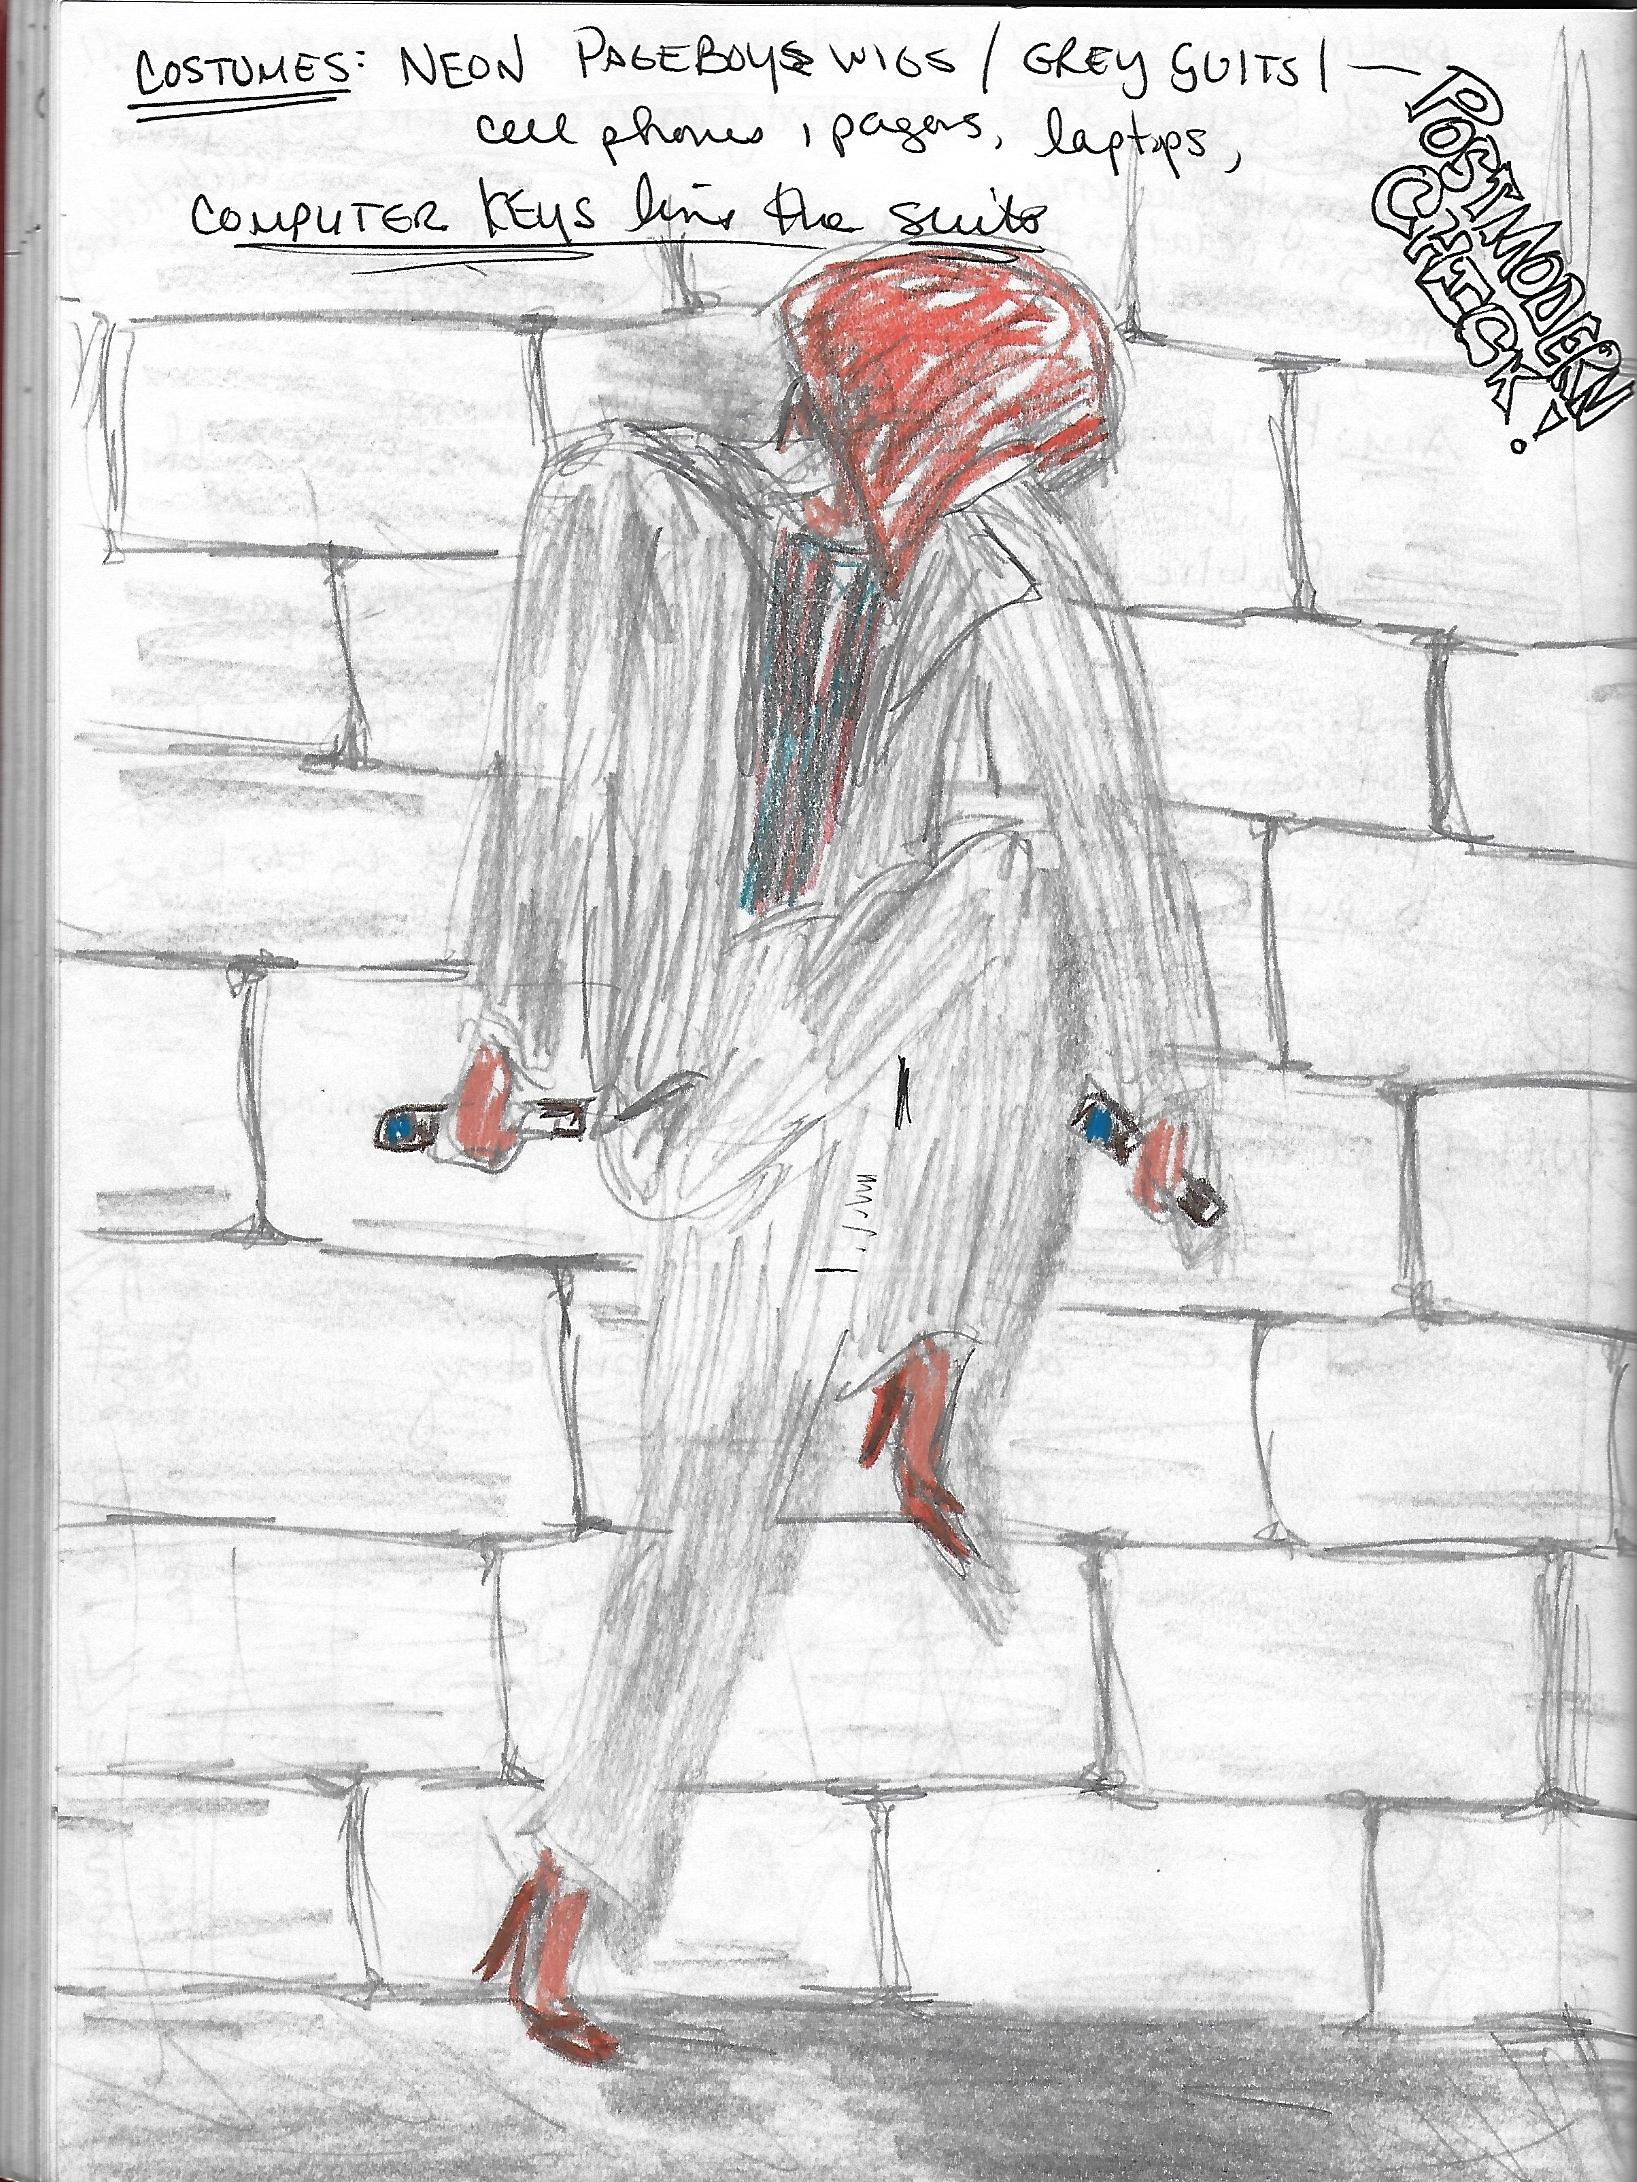 PM Chick Sketch.jpg